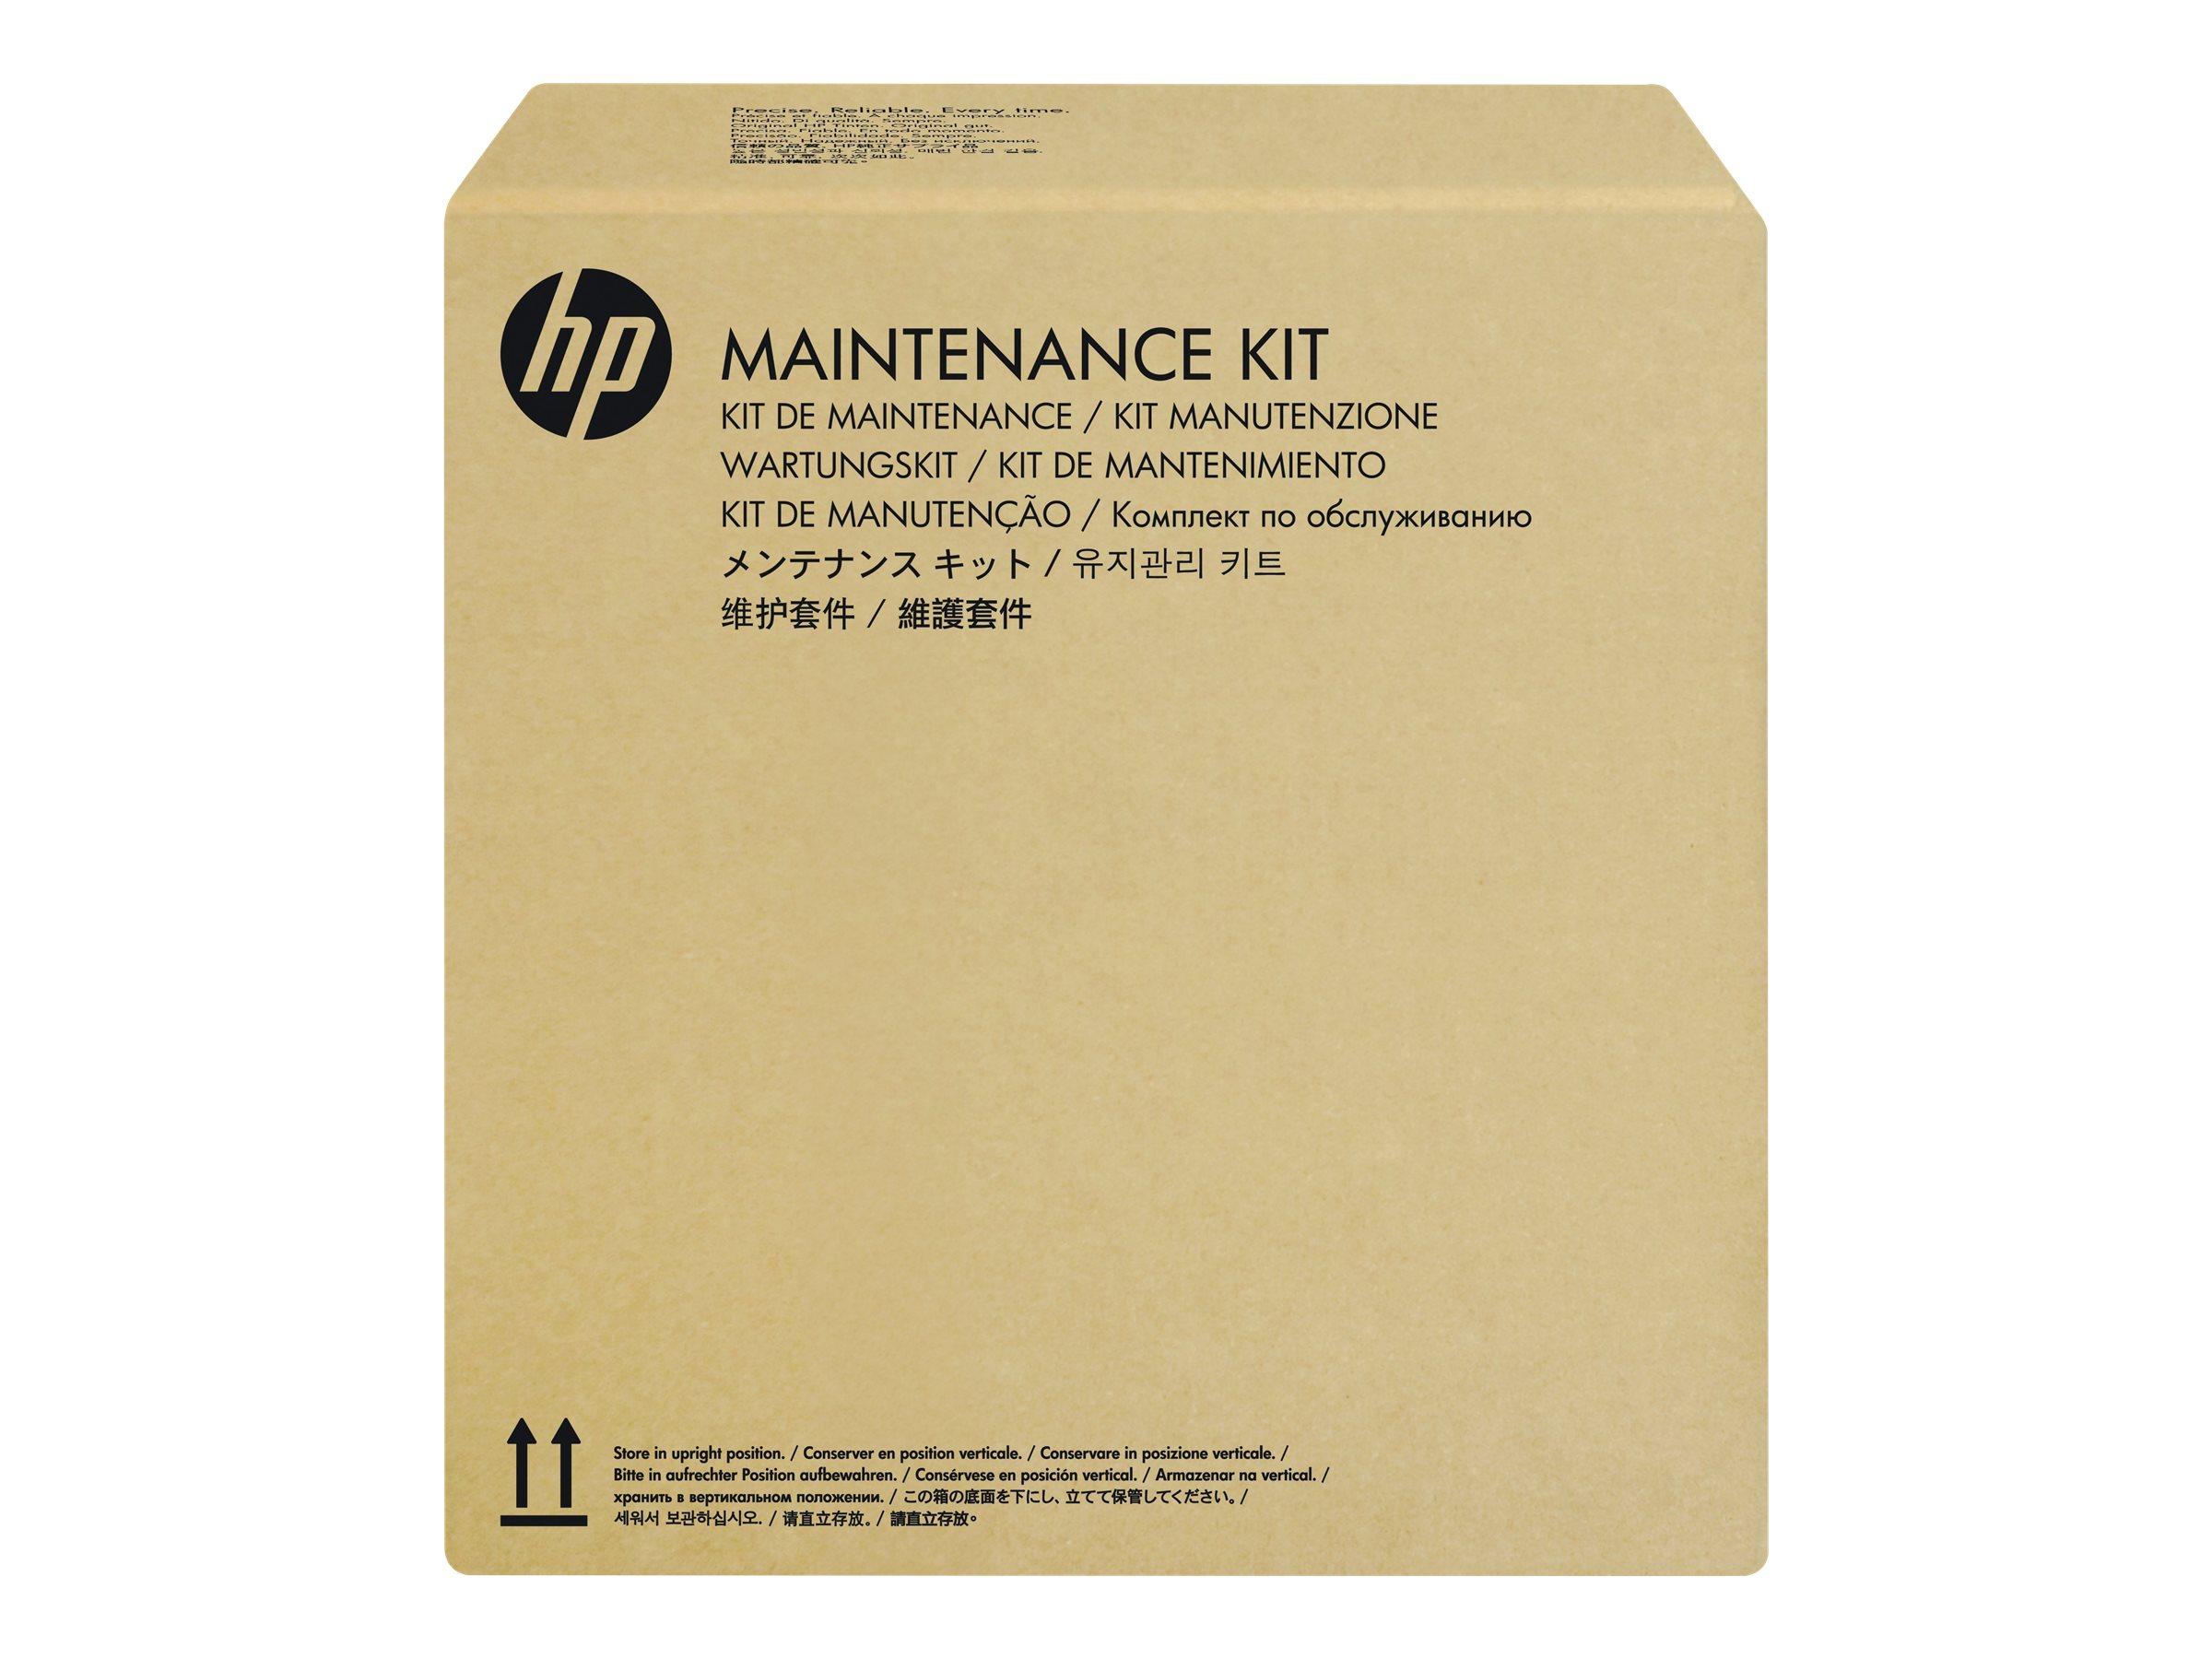 HP Scanjet Sheet-feed Roller Replacement Kit - Wartungskit - für Scanjet Pro 2000 s1 Sheet-feed